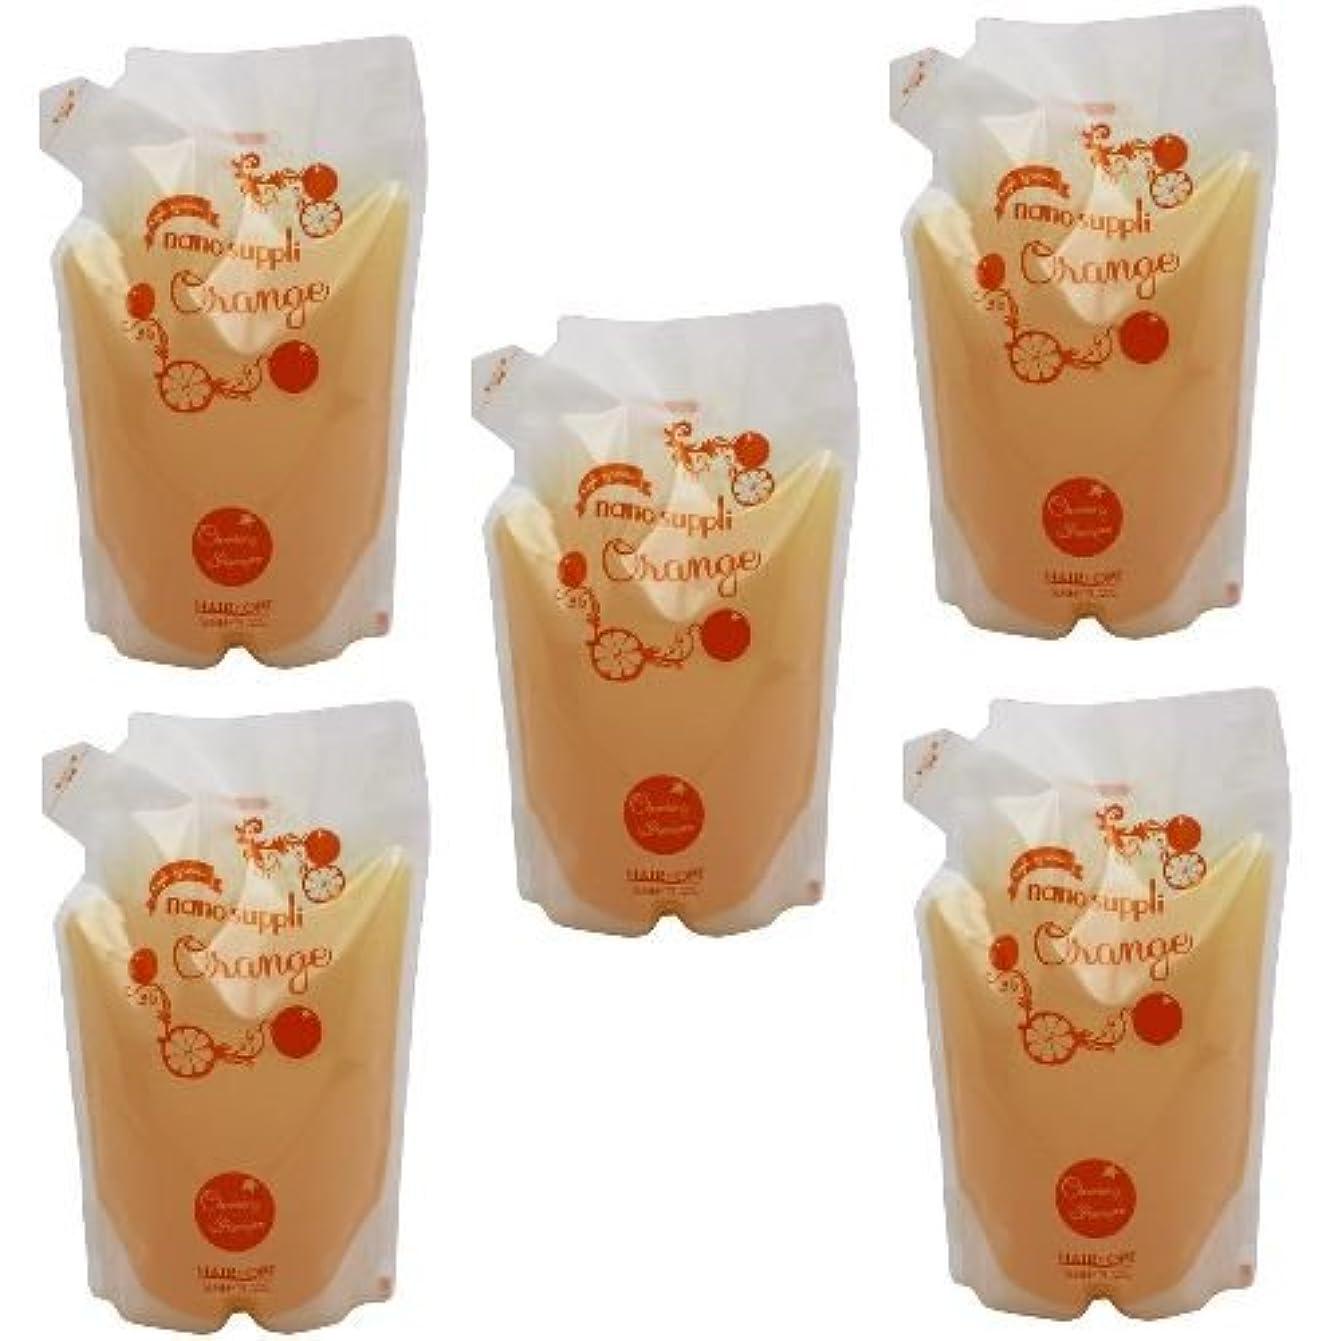 その他屈辱する決済【x5個セット】 サニープレイス ナノサプリ ヘアクレンジングシャンプー オレンジ 800ml (詰替用)